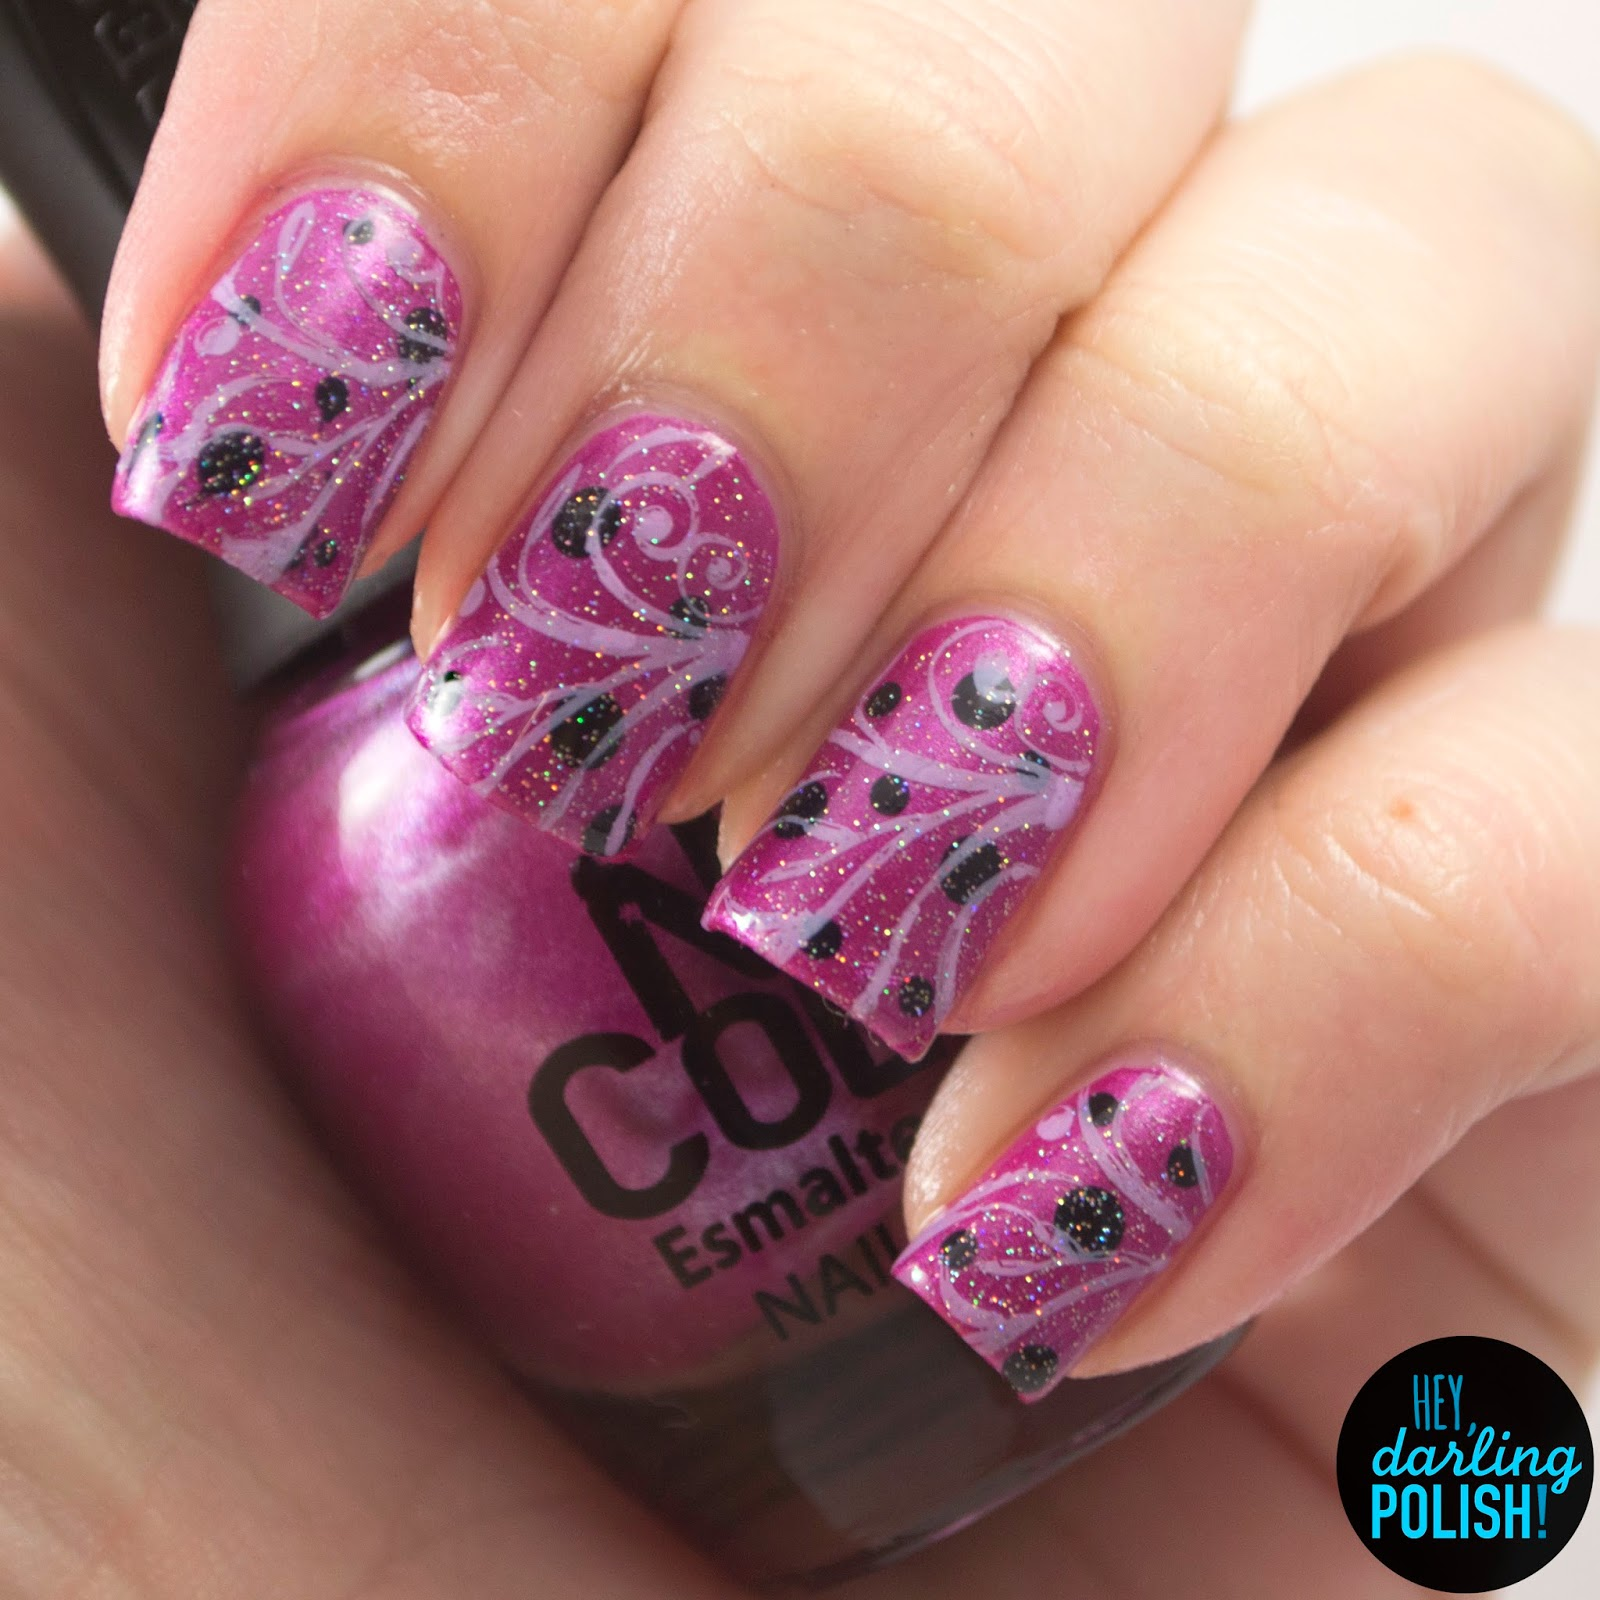 nails, nail art, nail polish, polish, princessa, stamping, dots, glitter, hey darling polish, the never ending pile challenge